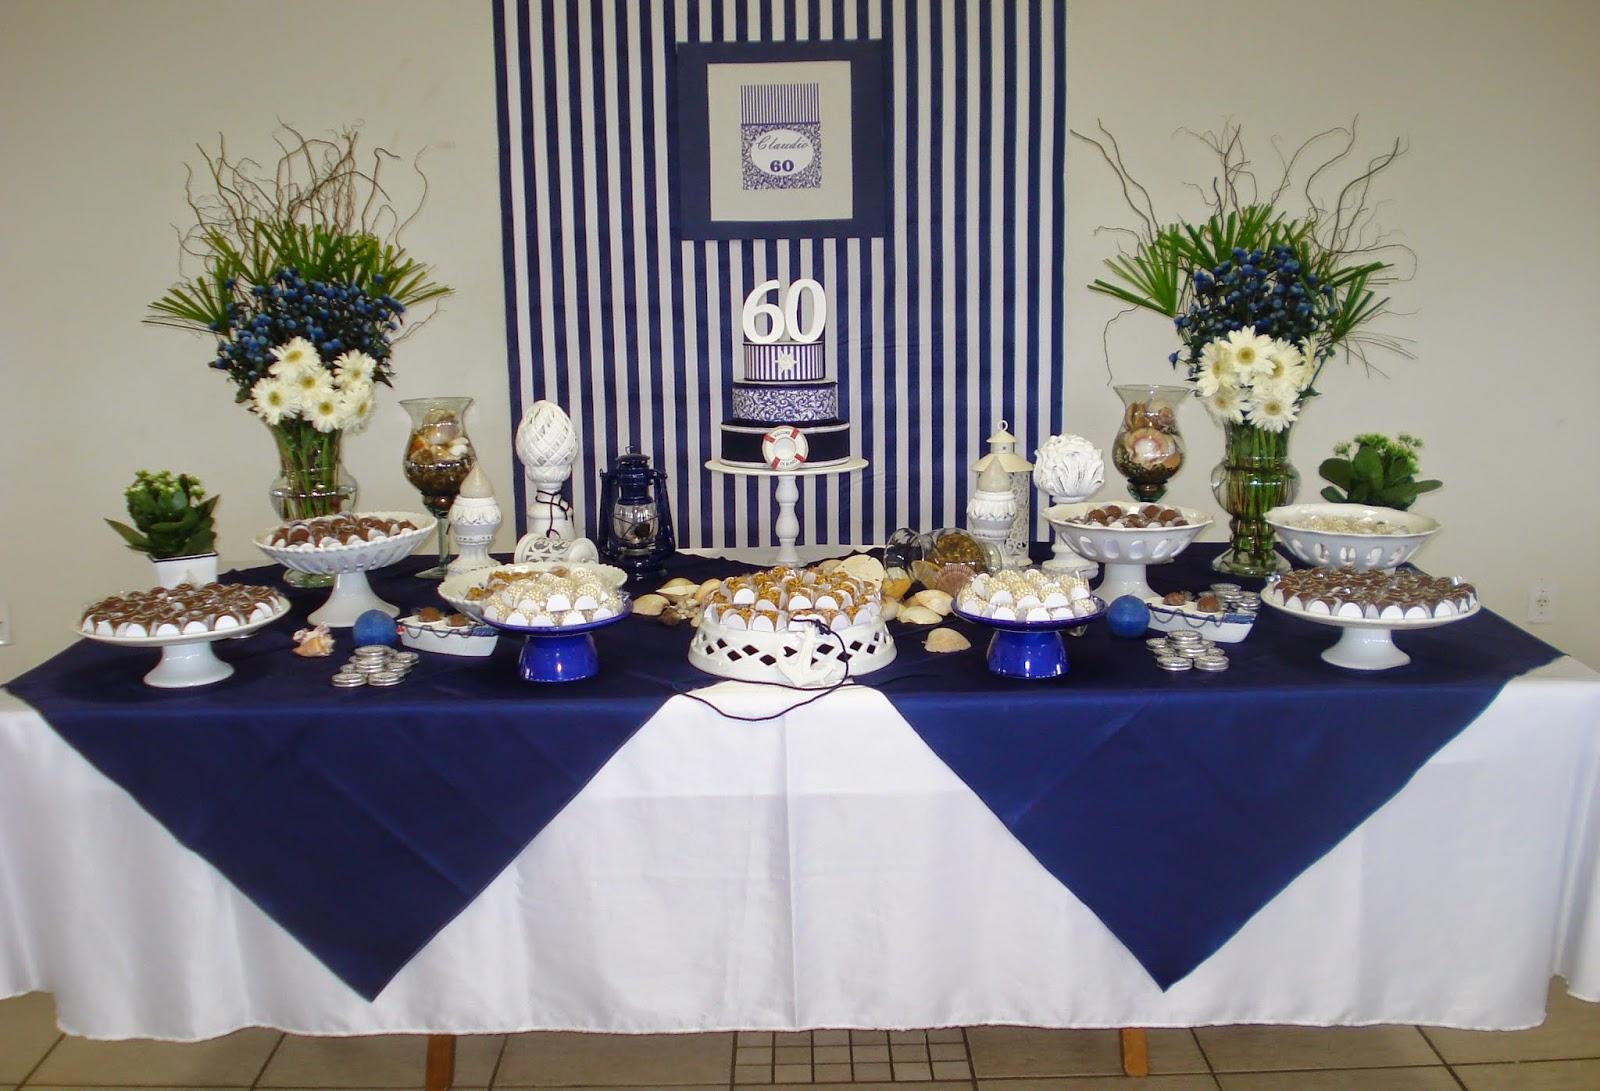 decoracao de festa azul marinho e amarelo:Azul Marinho Decoracao Para Festa De Adulto Em